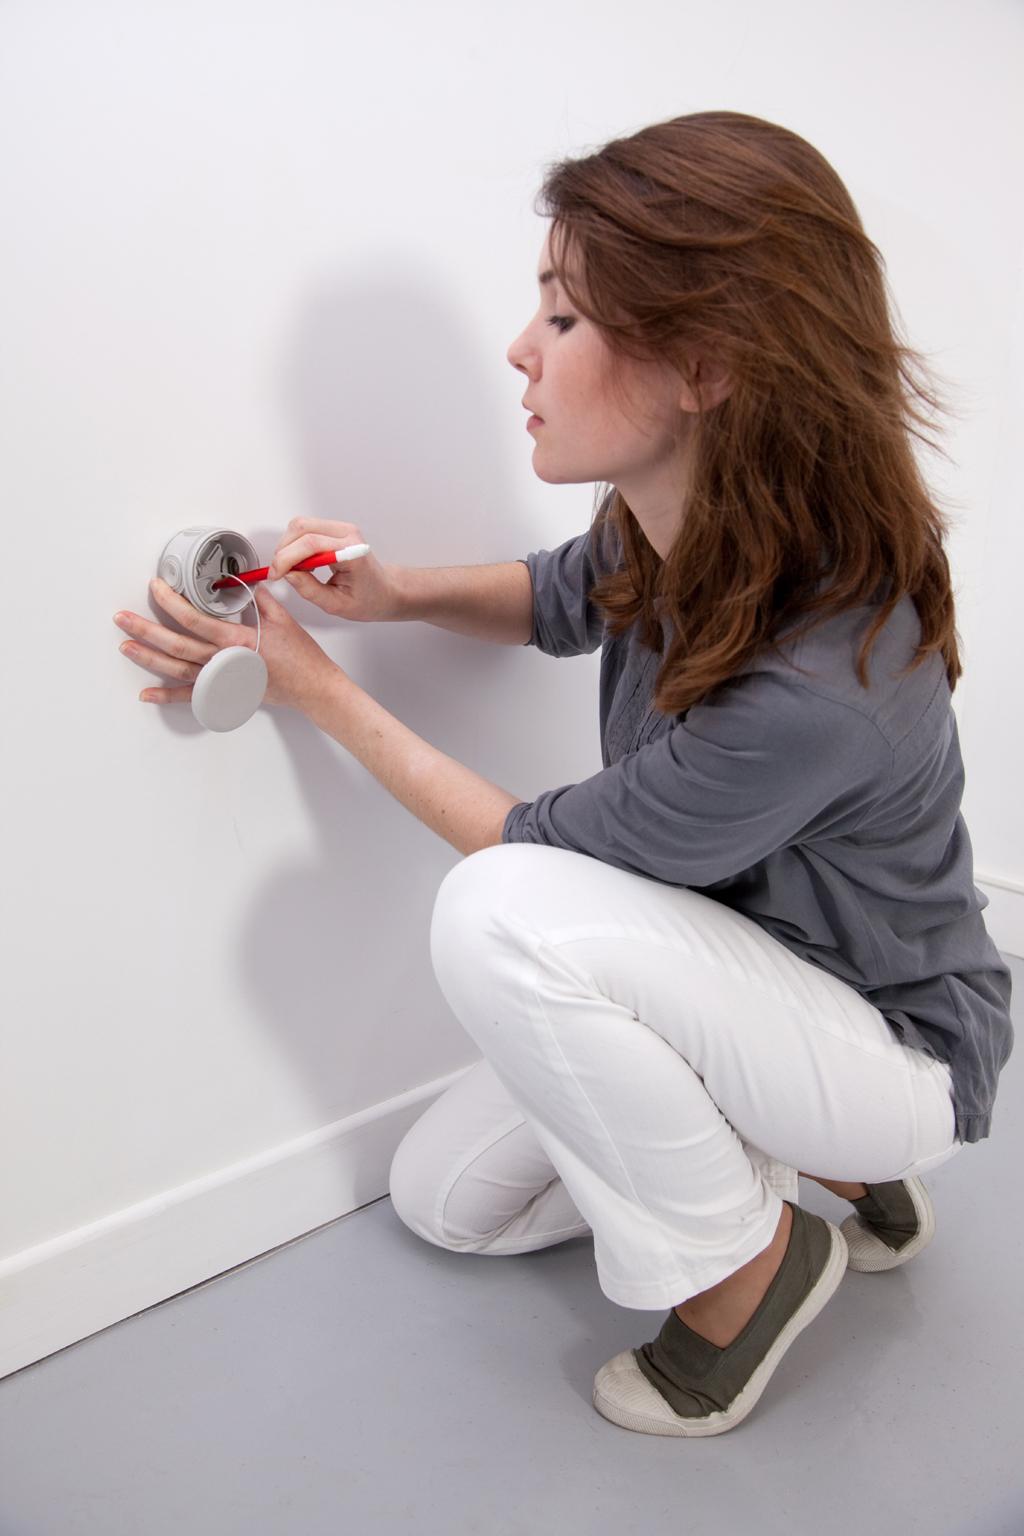 Comment Installer Un Eclairage Exterieur installer un éclairage automatique d'extérieur | diy family